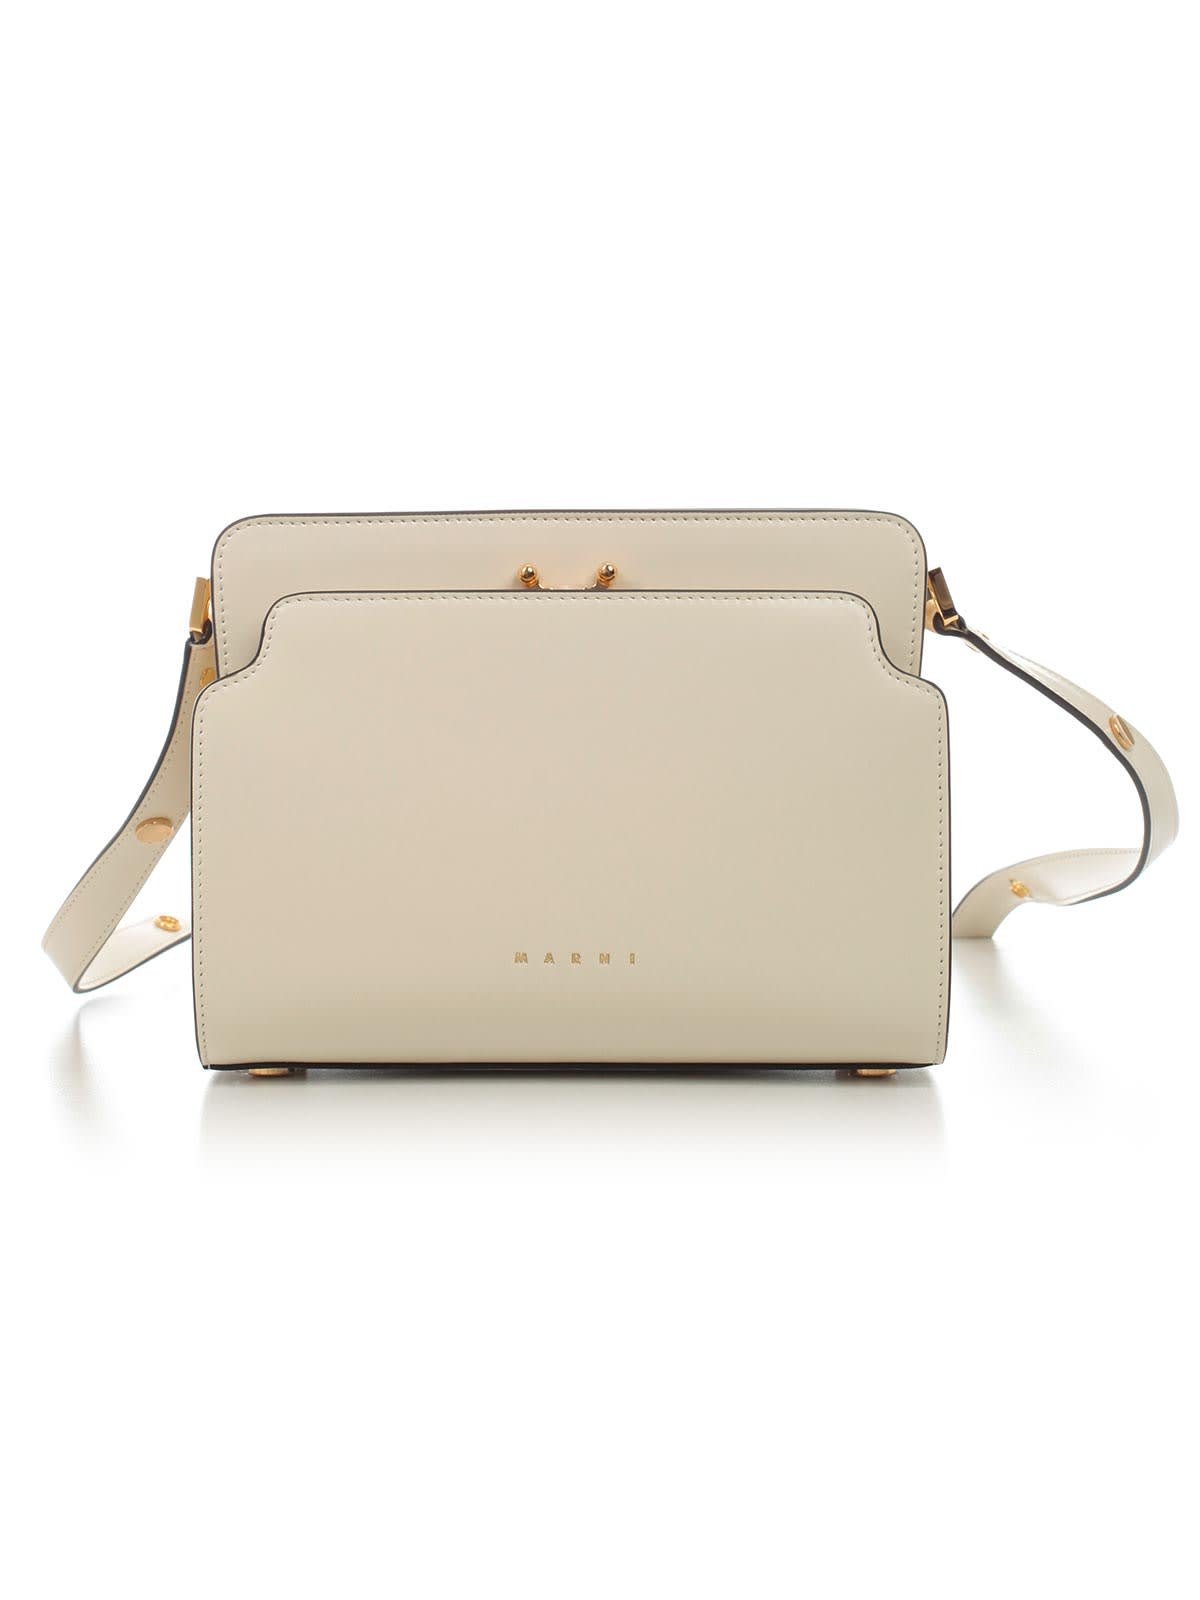 Marni Shoulder Bag Leather